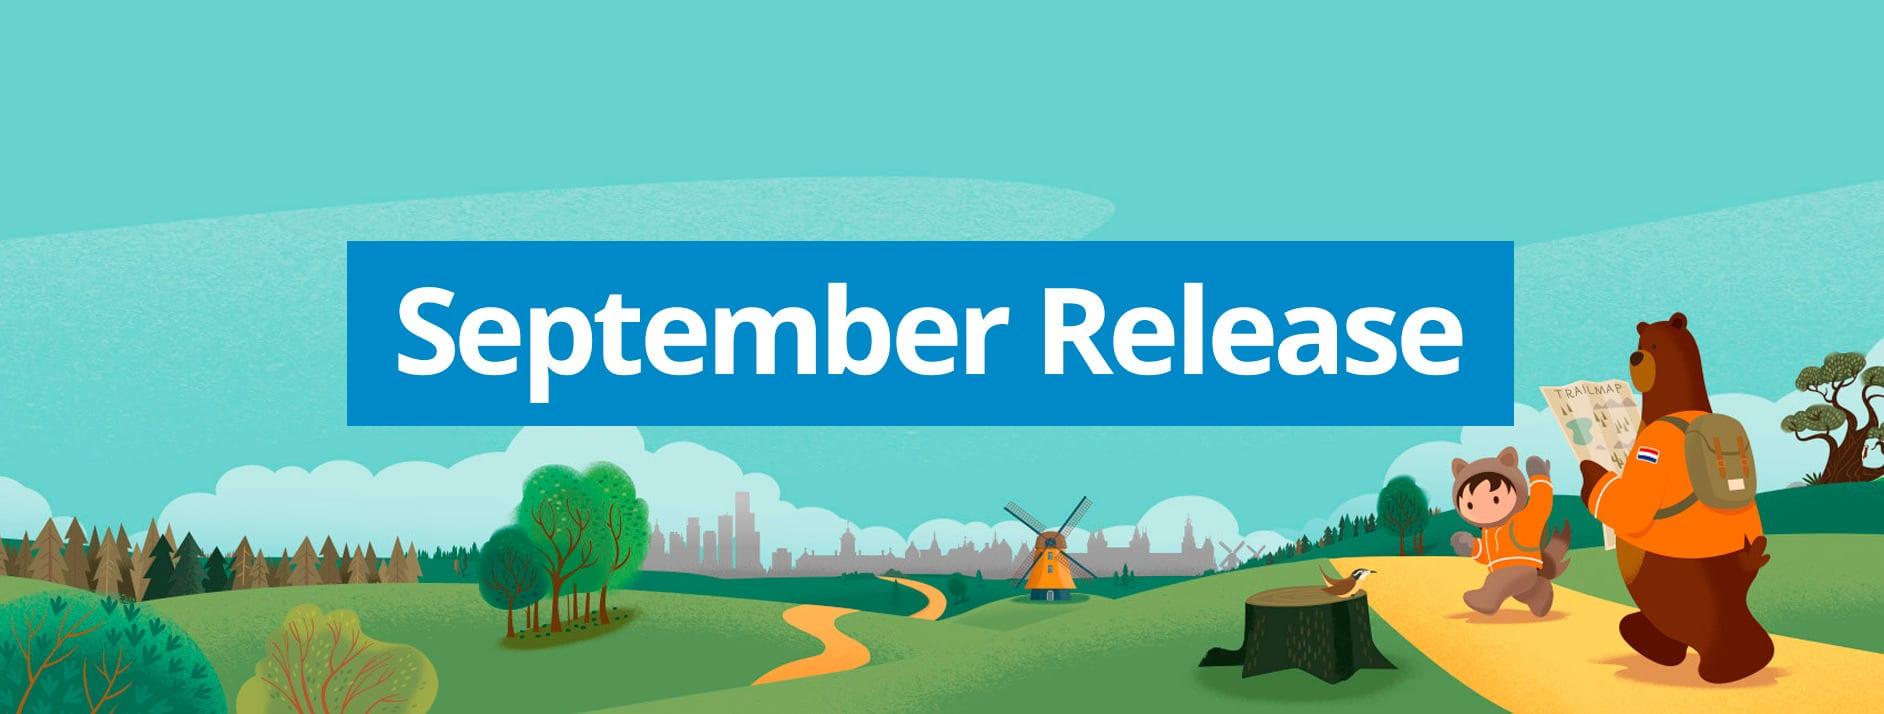 09. Release September 2020